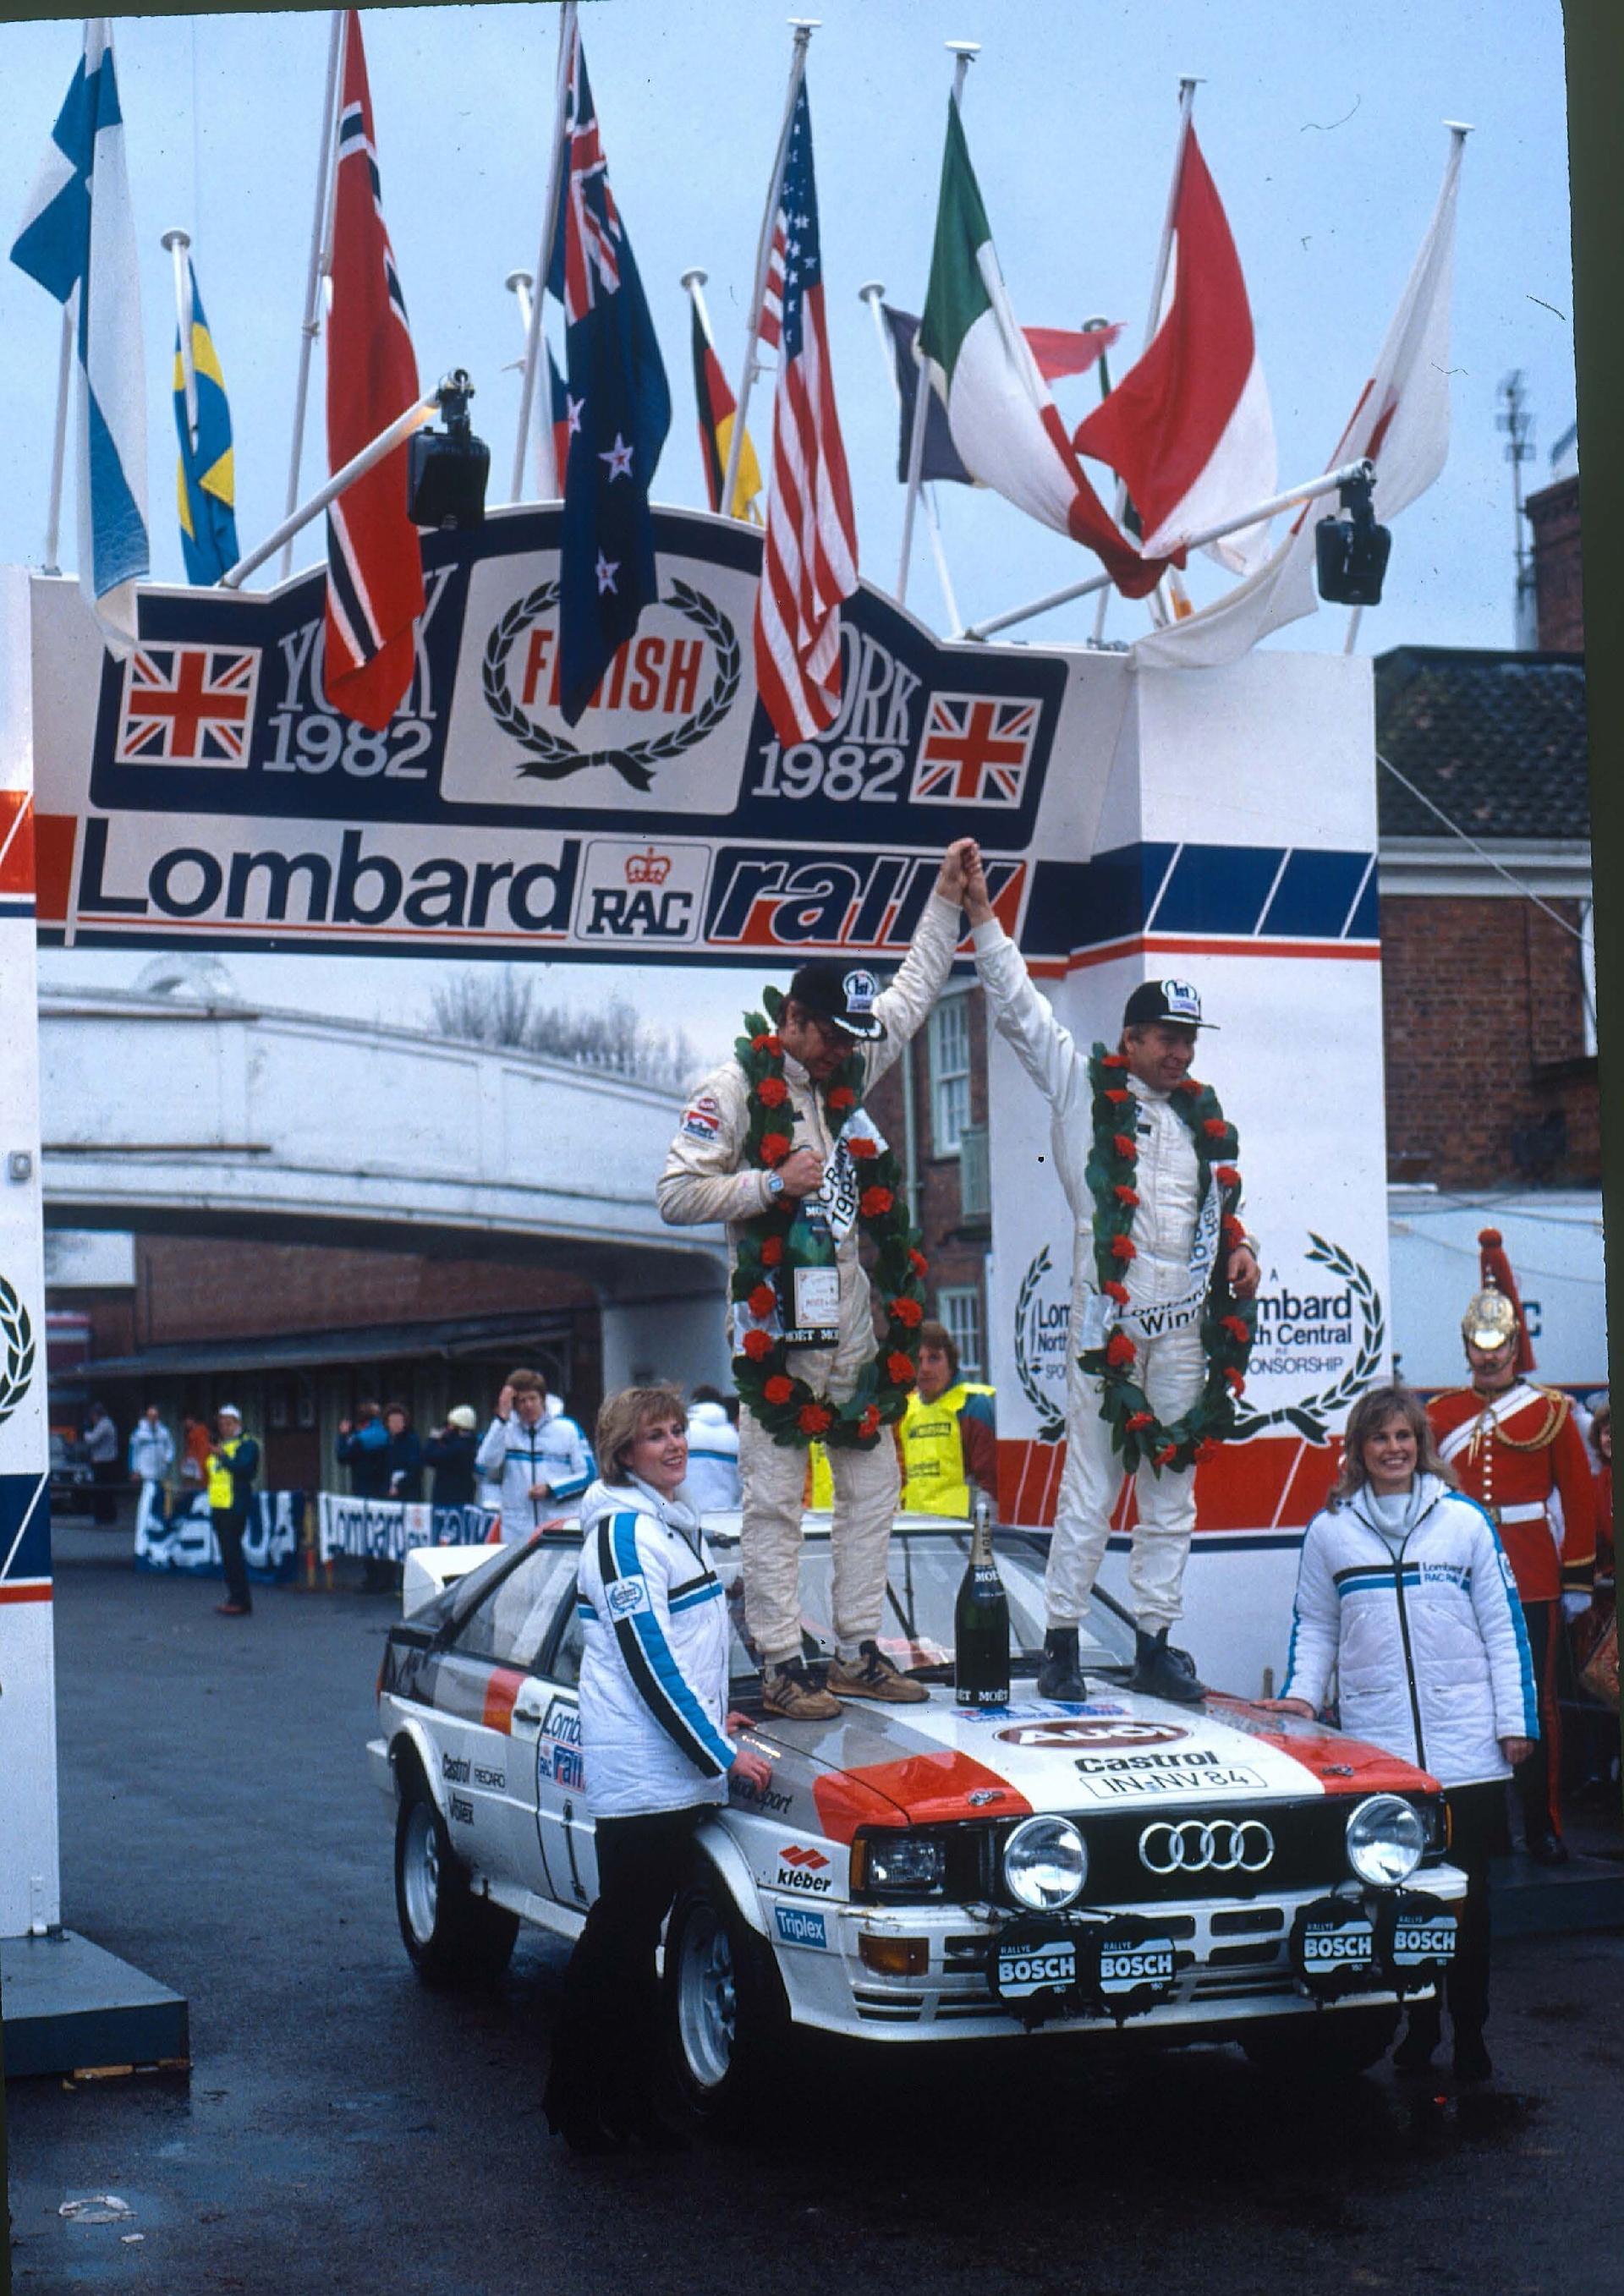 Hannu Mikkola je bil najhitrejši na rallyjih Lombard RAC v letih 1981 in 1982. Leta 1983 je osvojil naslov svetovnega rally prvaka.